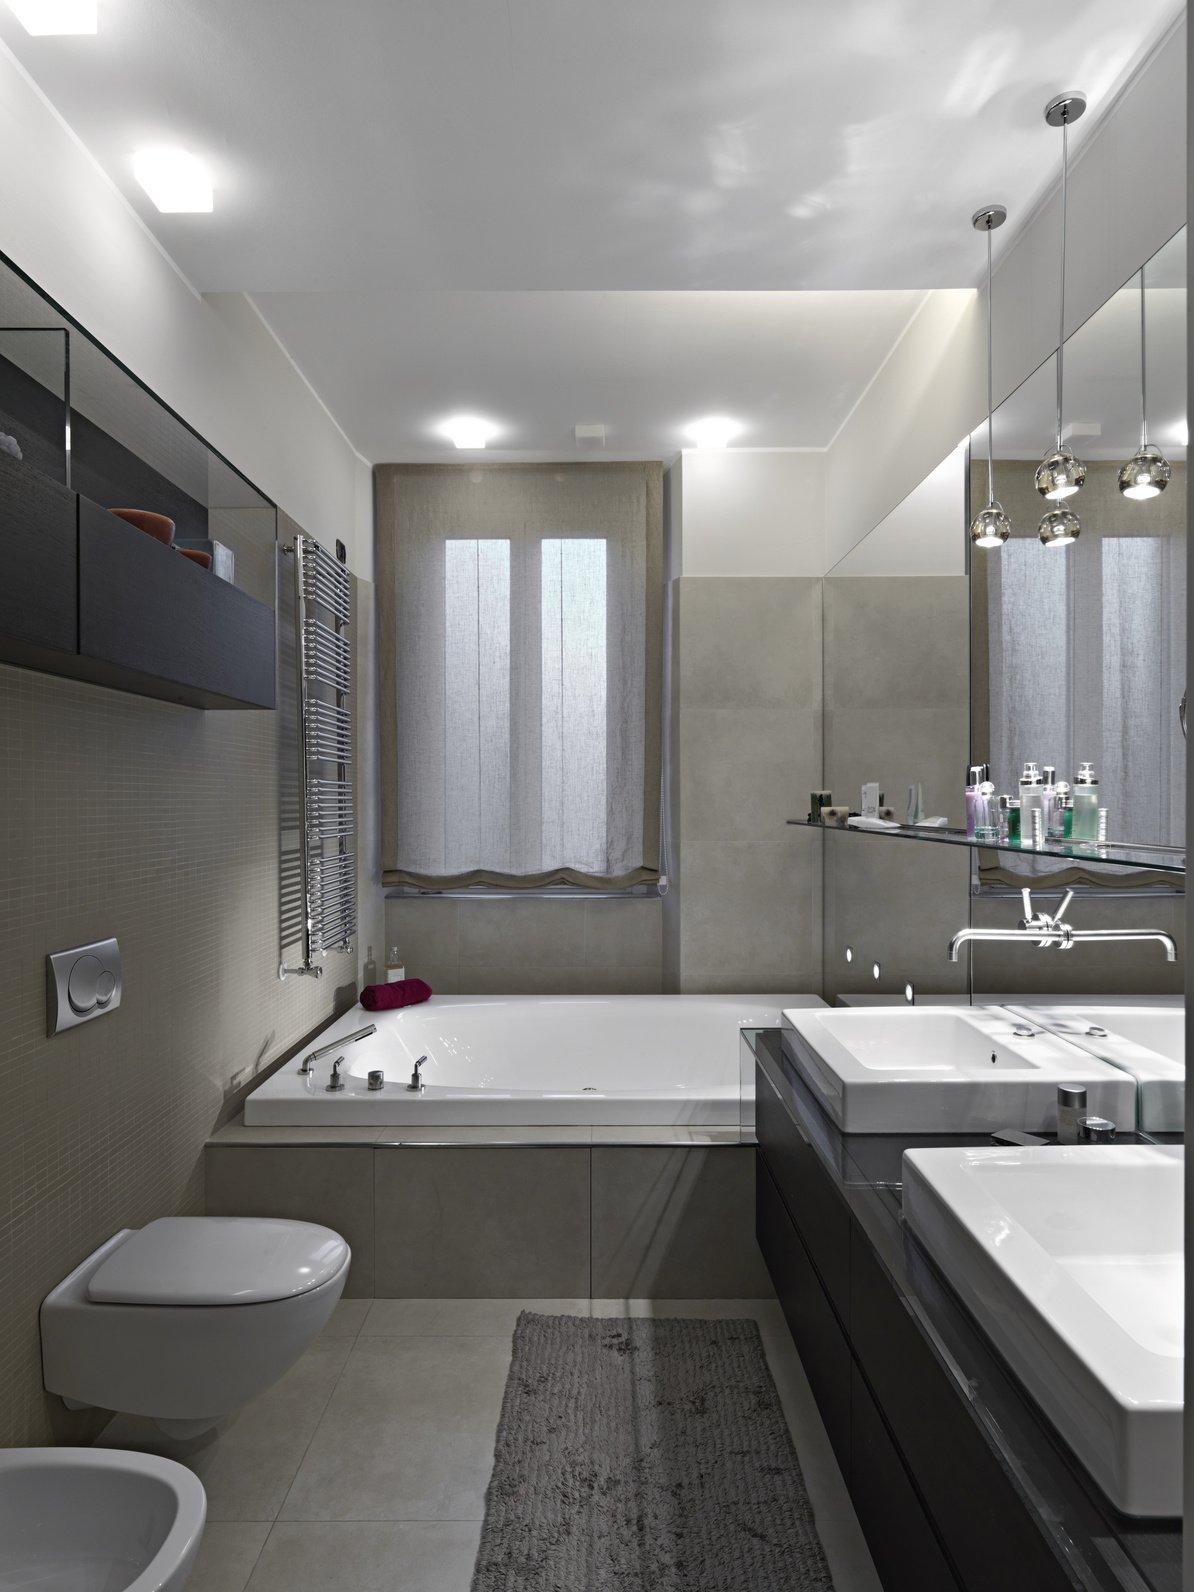 Piccoli lavori in bagno come sostituire il sedile del wc - Bagno con vasca ...